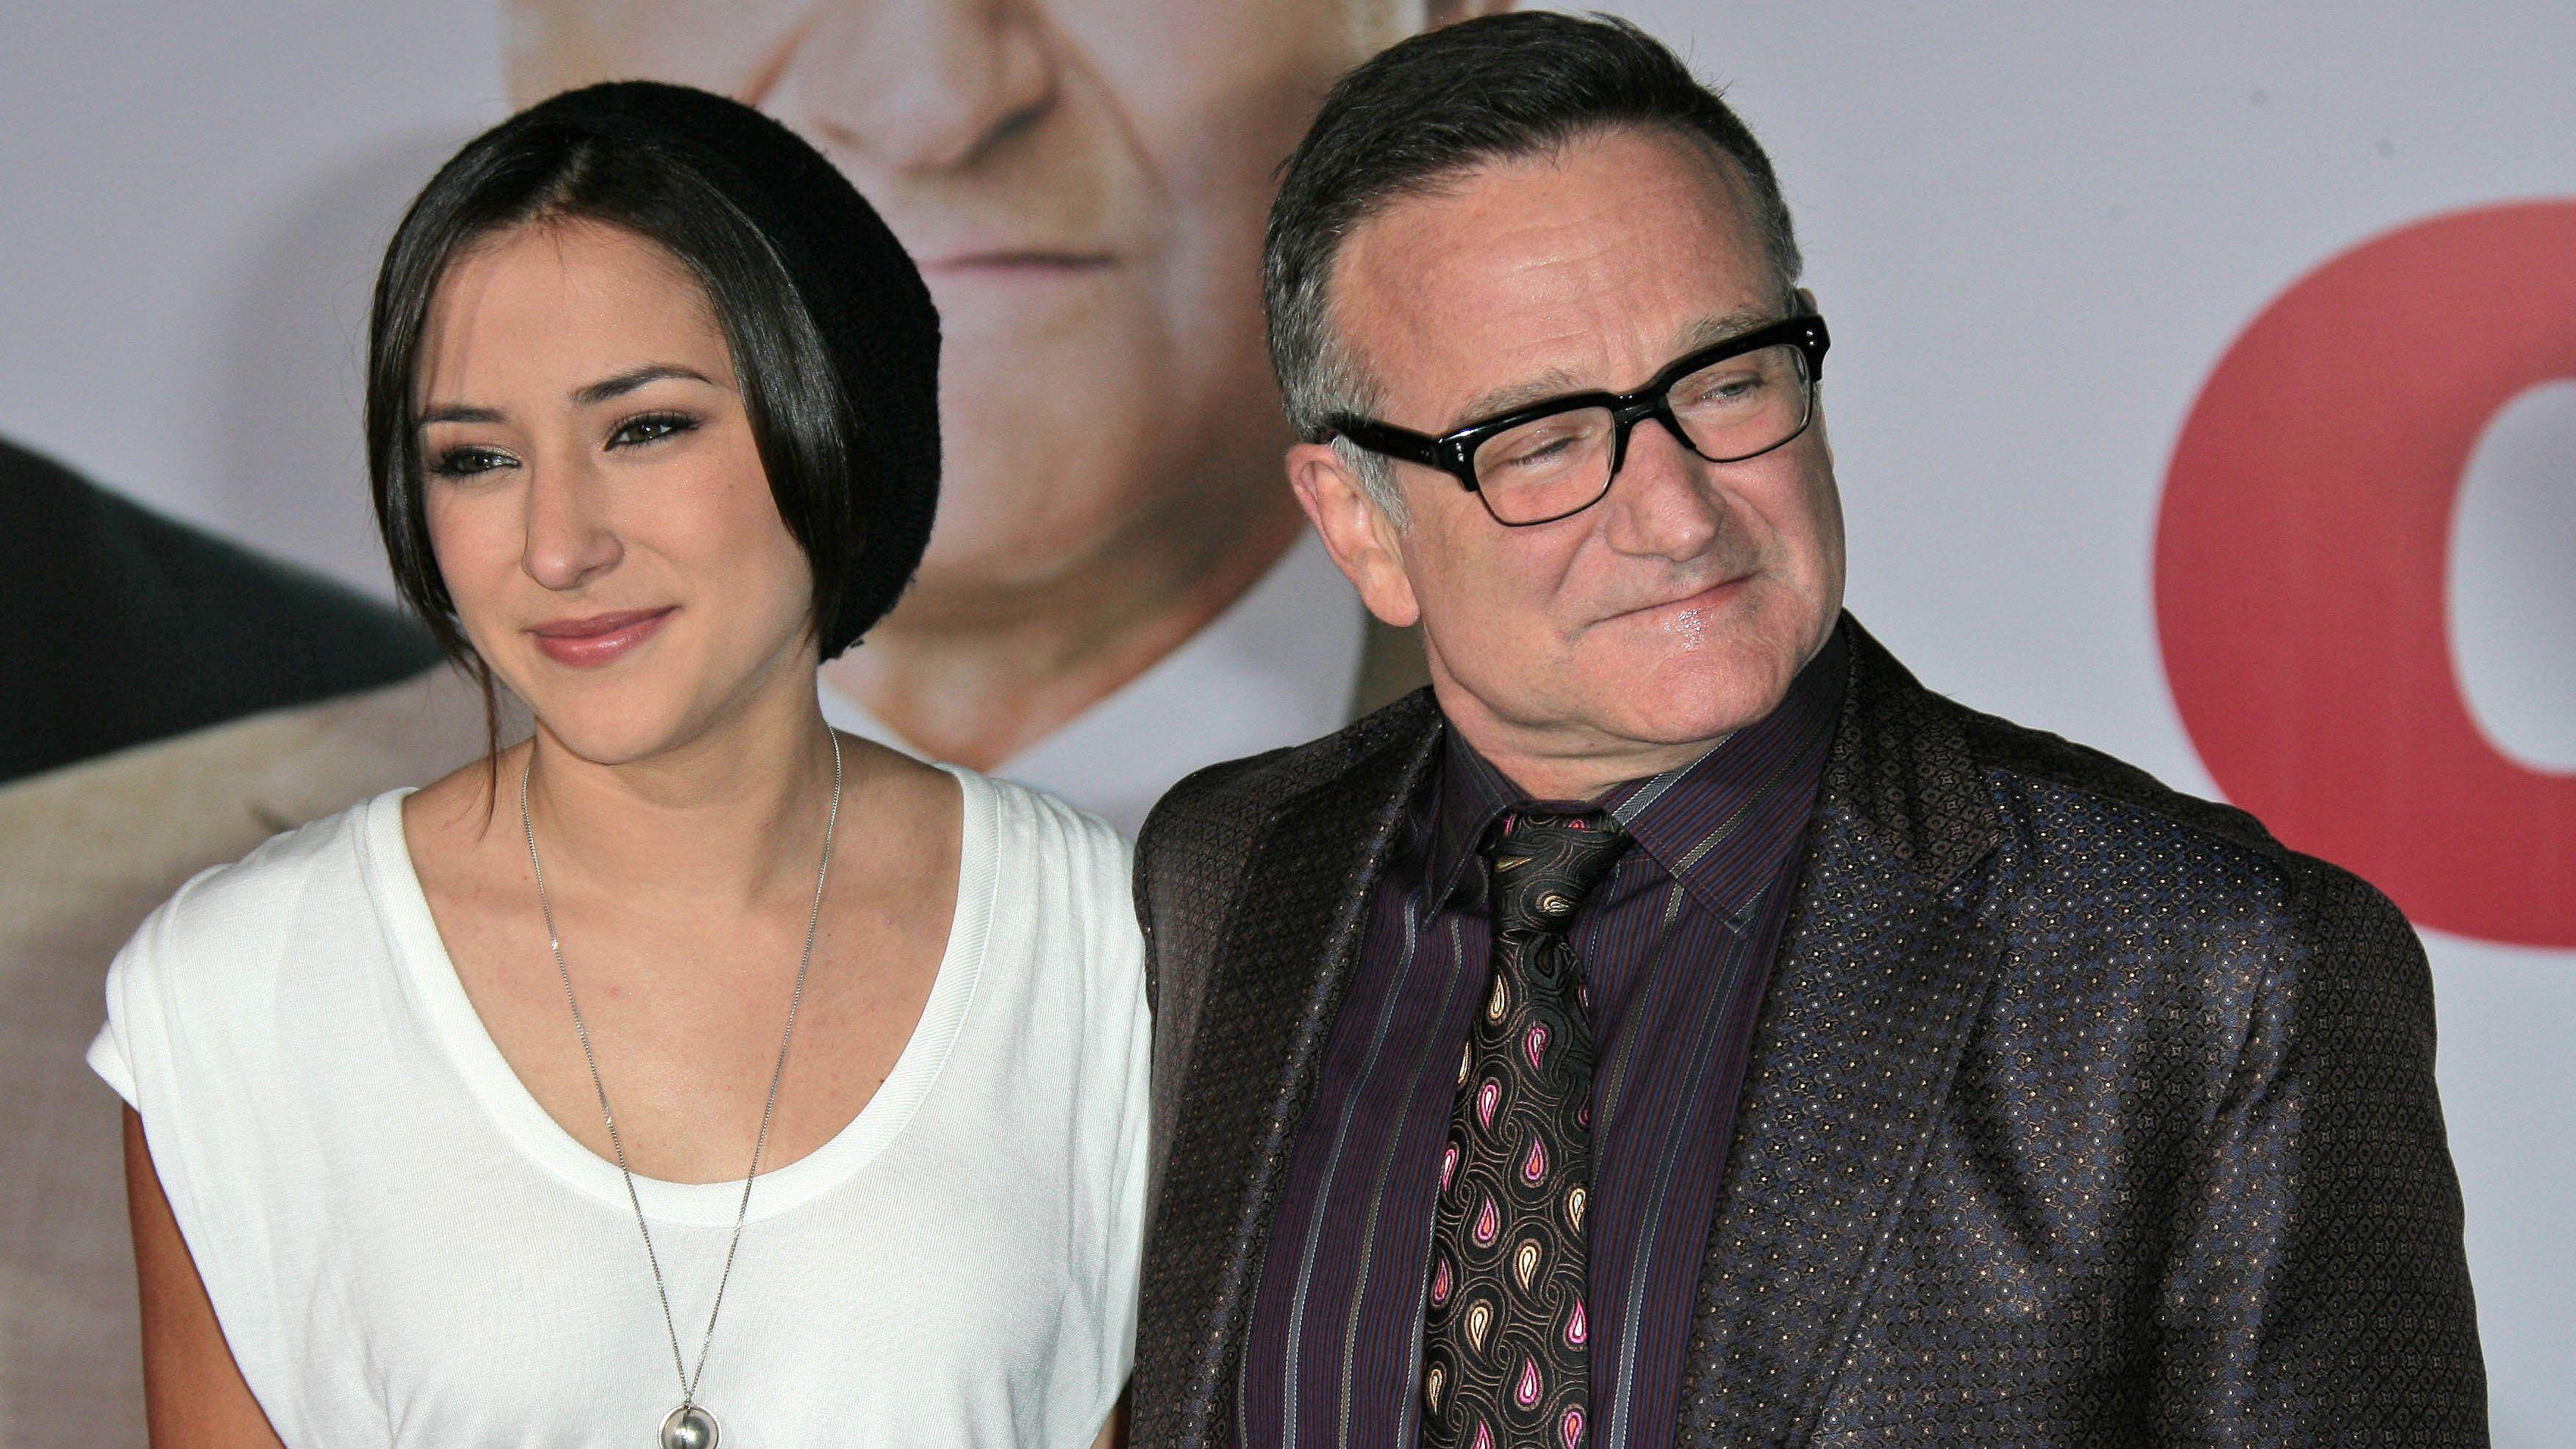 Avdøde Robin Williams' datter forlot Twitter etter grov sjikane